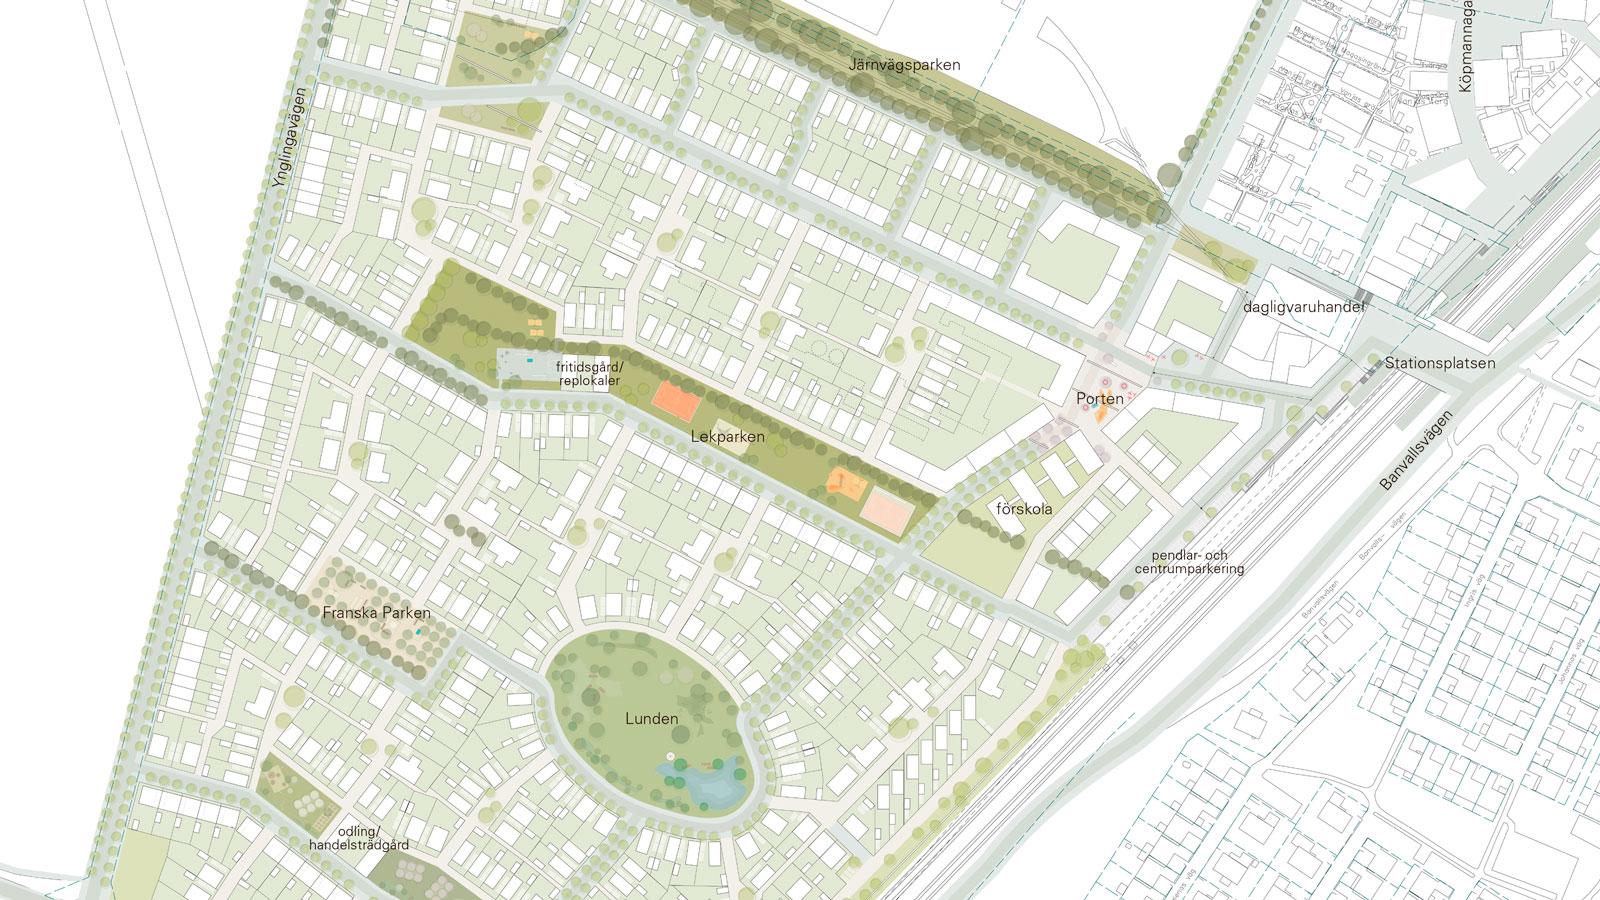 Planförslag nya stadsdelen Västerstad_Bild: GEHL Architects